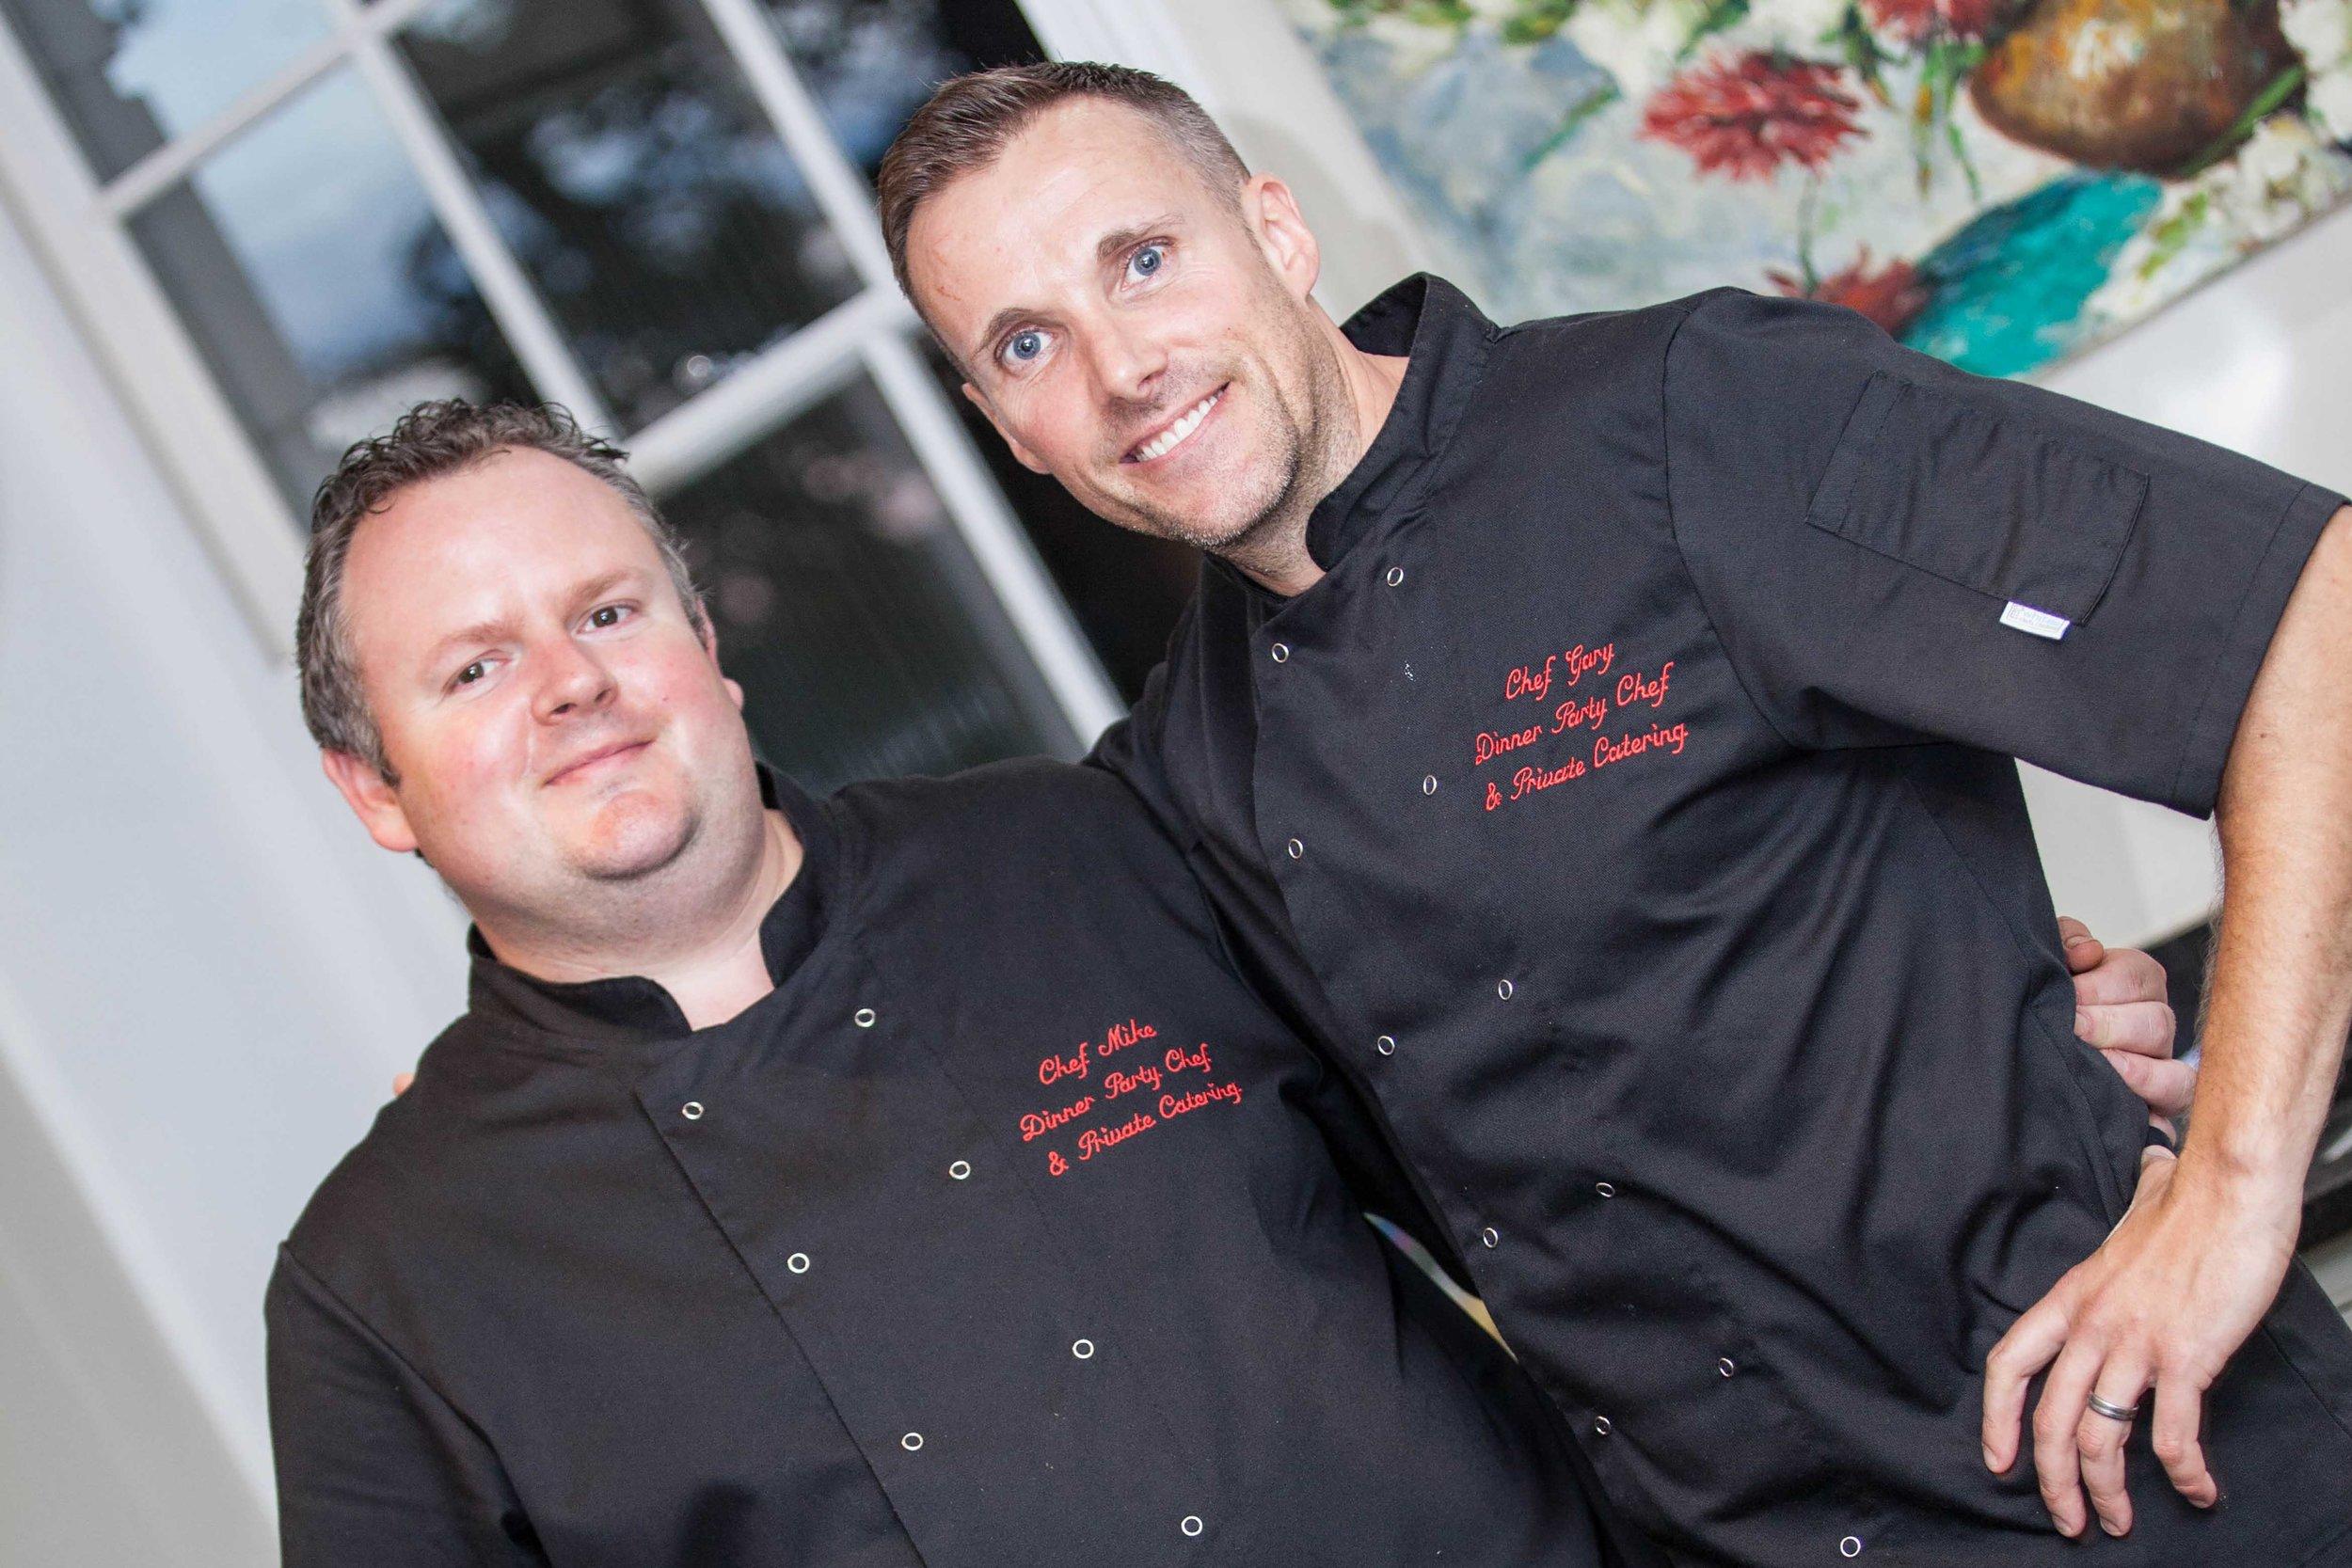 ChefGary & ChefMike